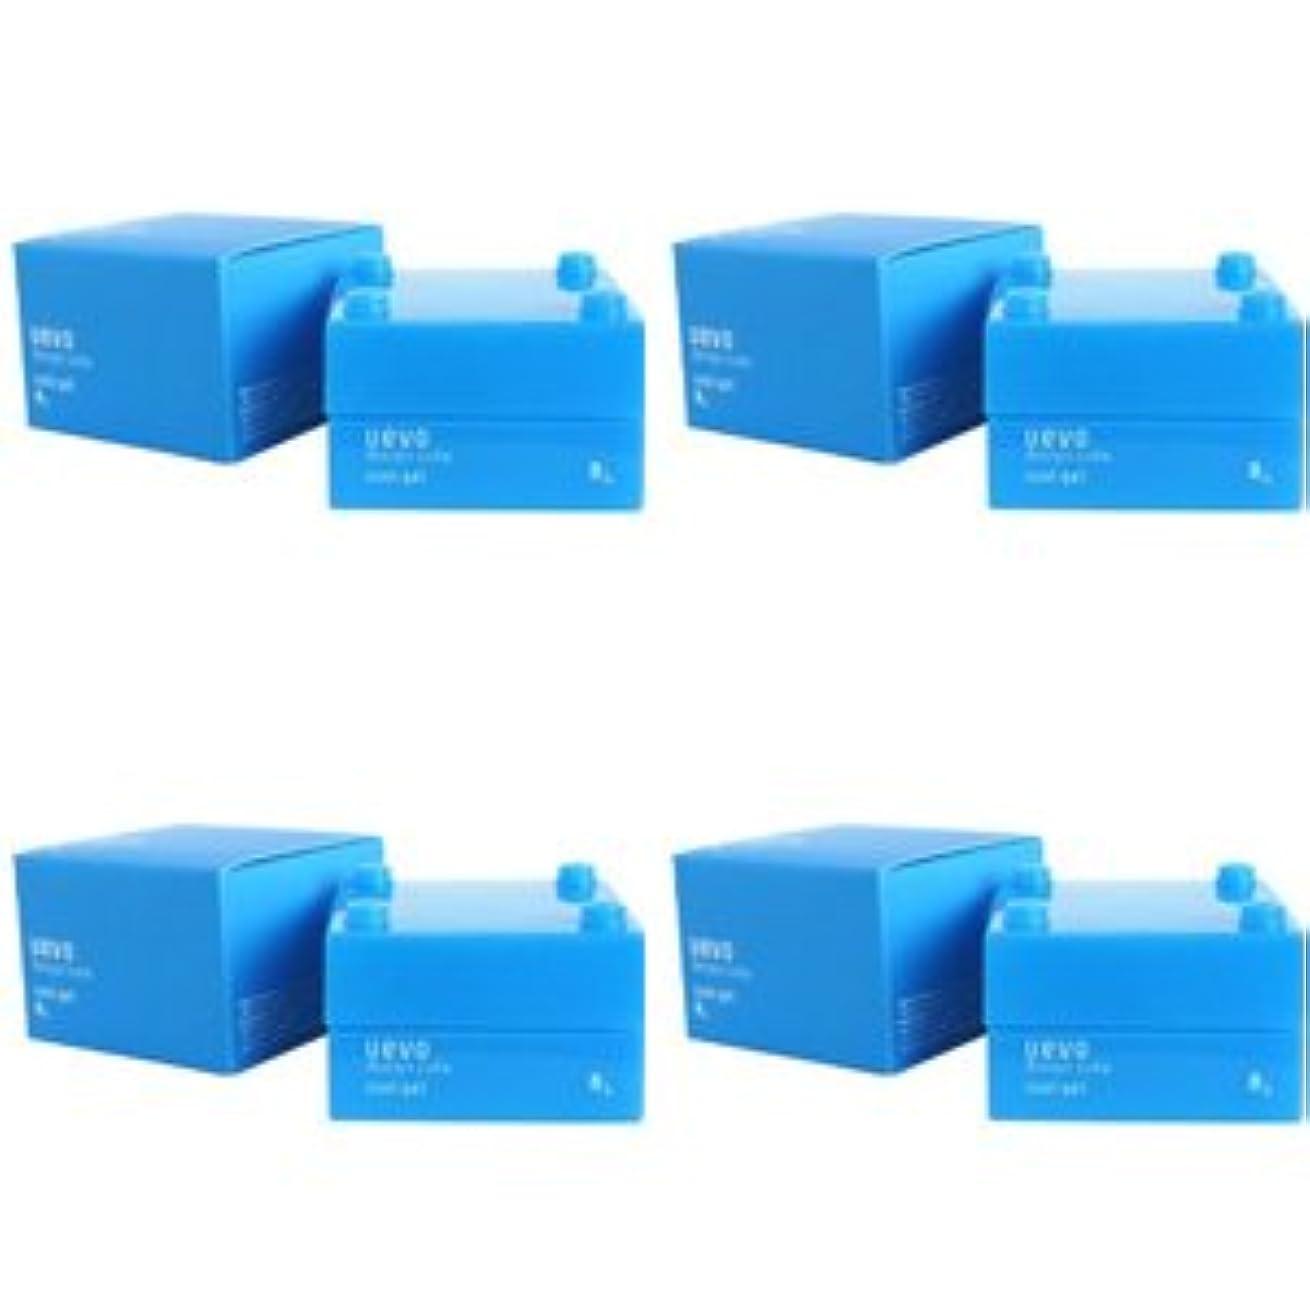 不毛敬意を表する振動させる【X4個セット】 デミ ウェーボ デザインキューブ クールジェル 30g cool gel DEMI uevo design cube